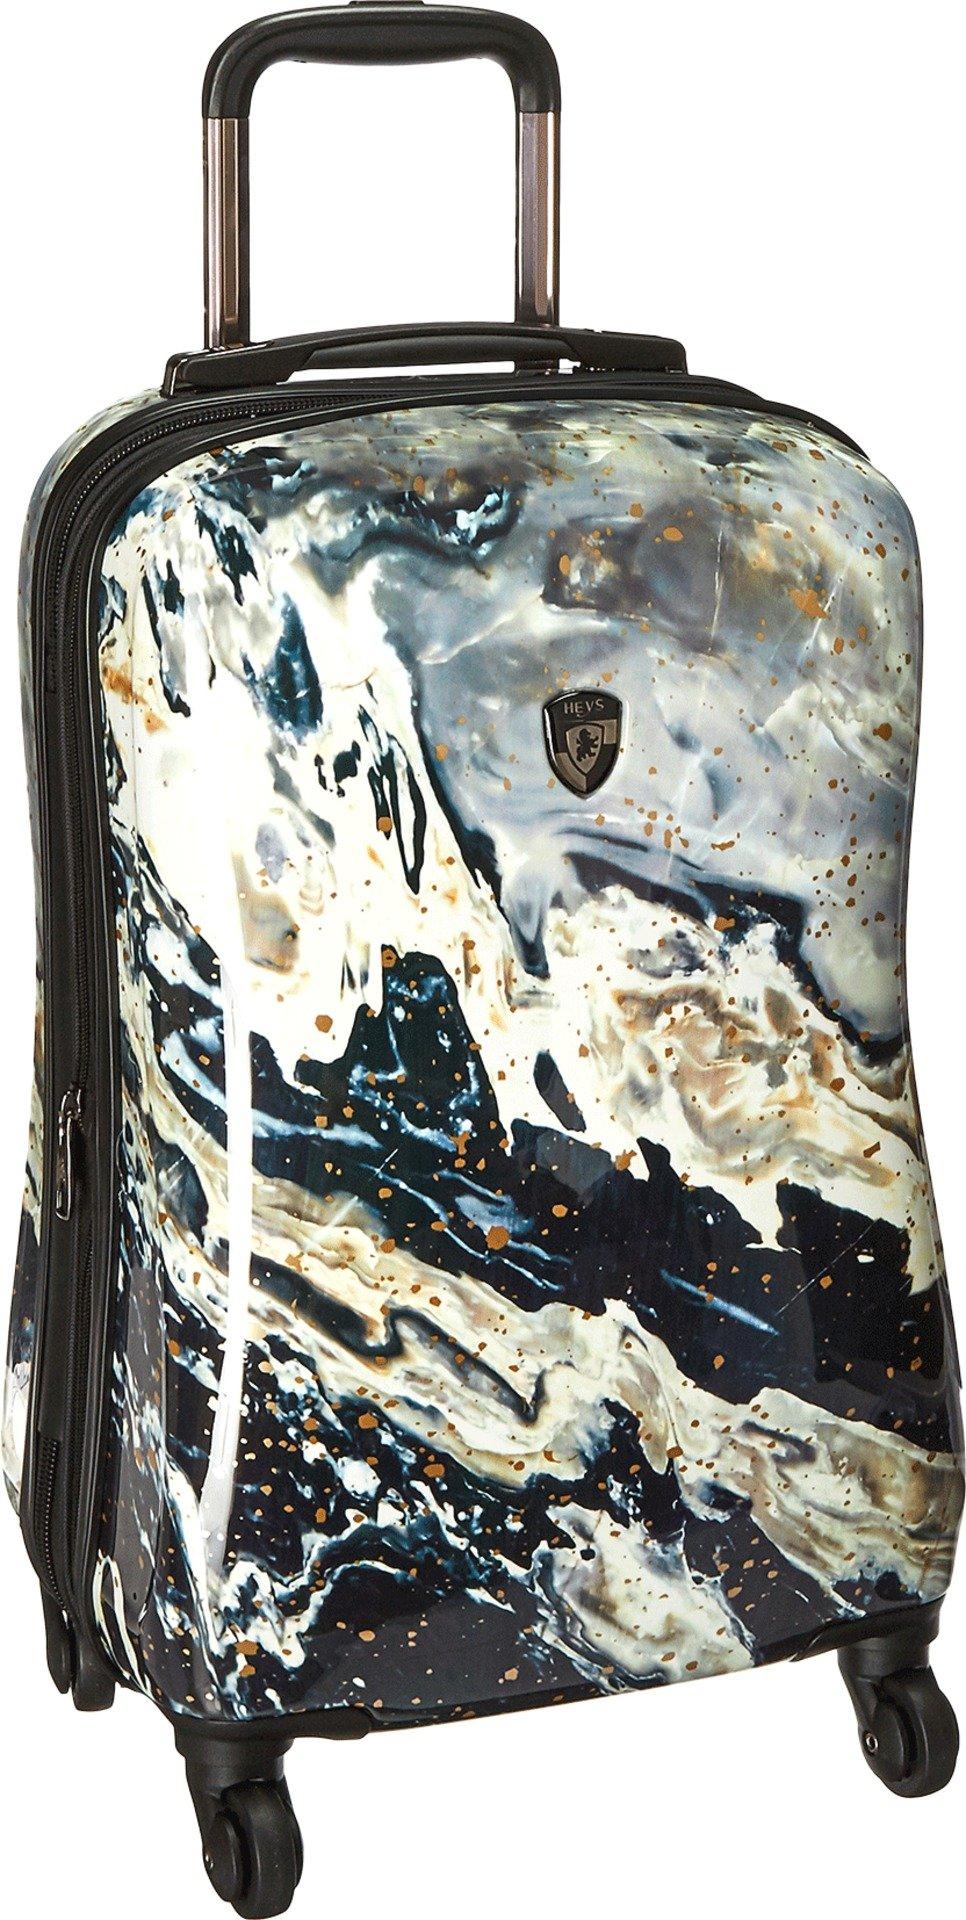 Heys America Unisex Nero 21'' Spinner Black/White Luggage by HEYS AMERICA